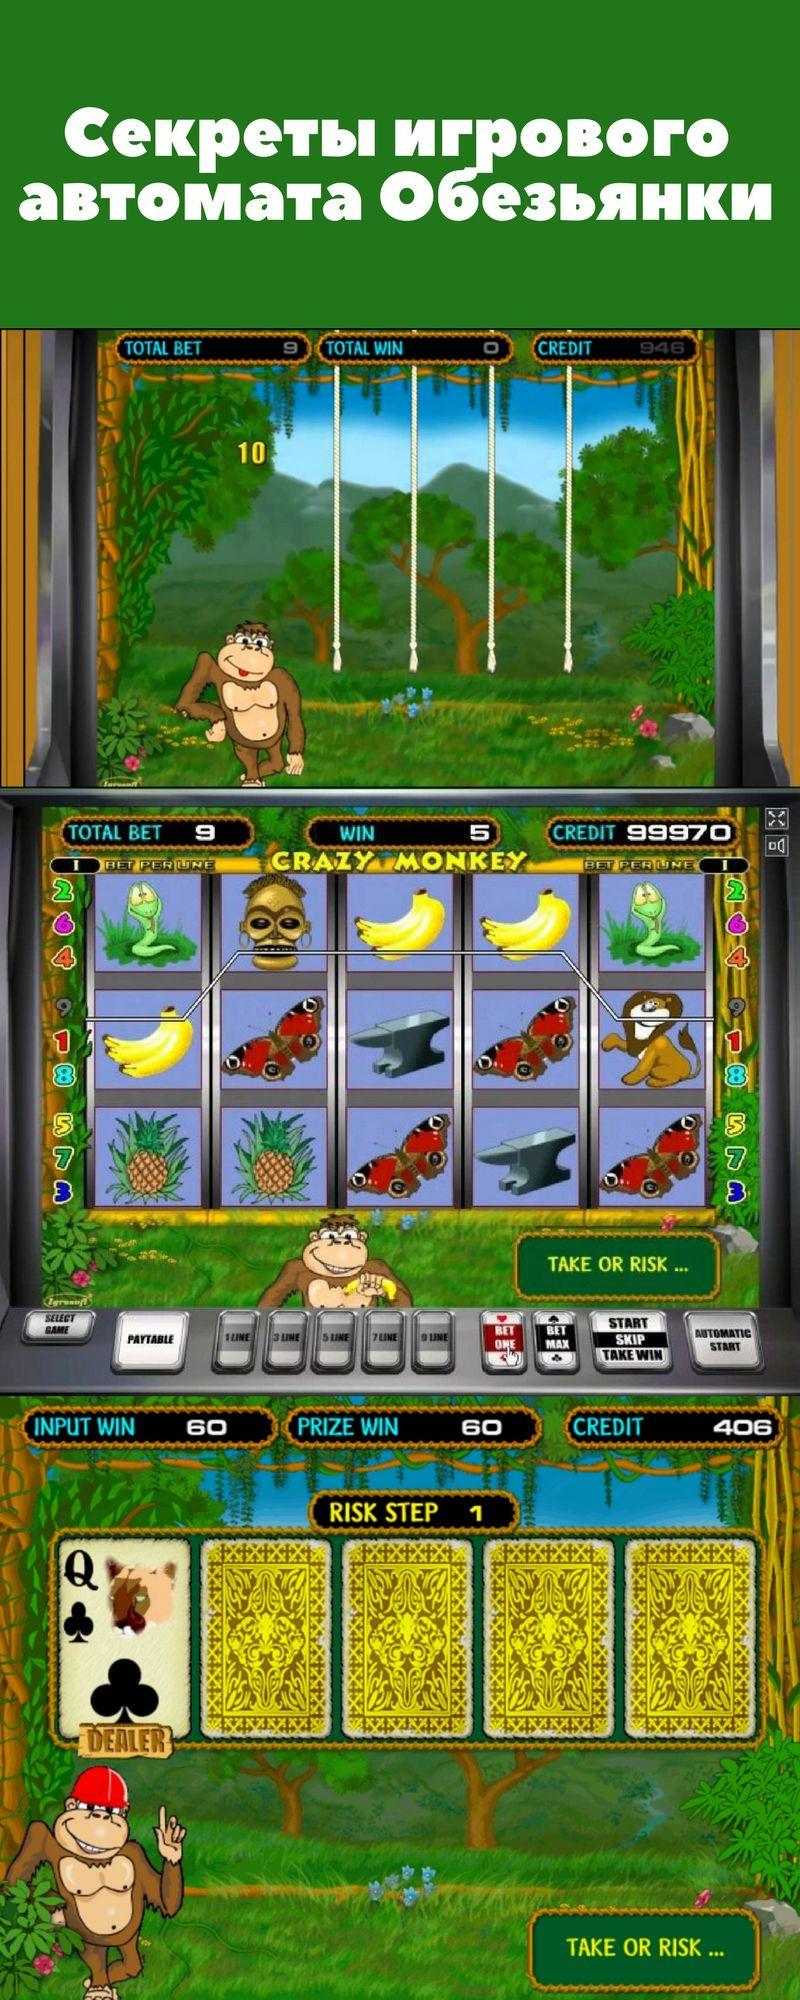 бесплатно и игровые в скачать нее обезьяны автоматы играть